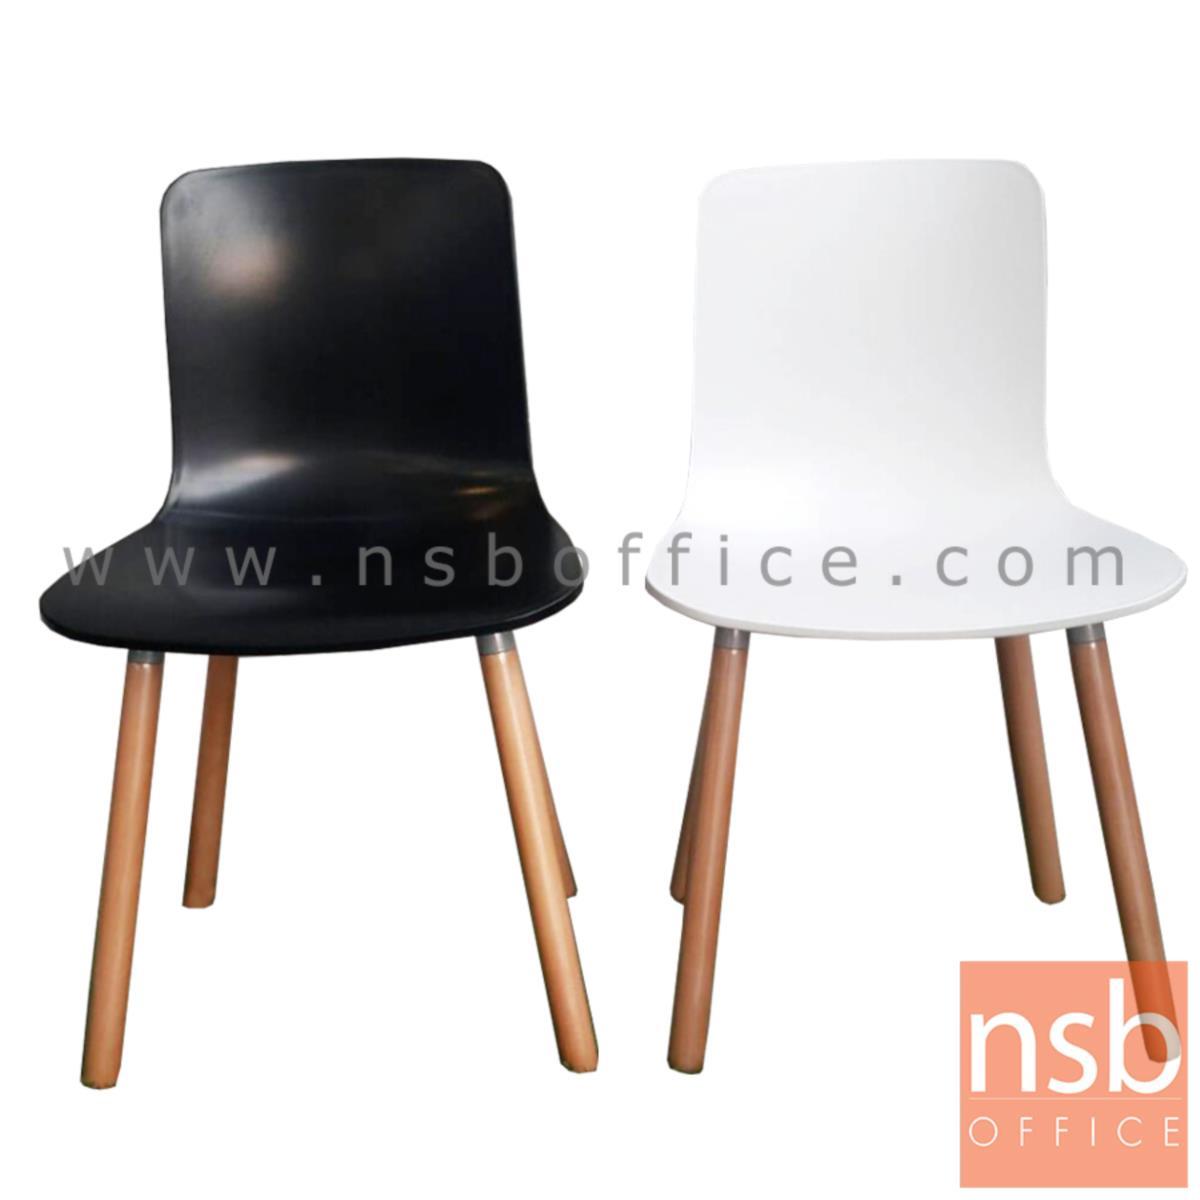 เก้าอี้โมเดิร์นพลาสติก(PP) รุ่น NP-1286 ขนาด 47.5W cm. โครงขาไม้